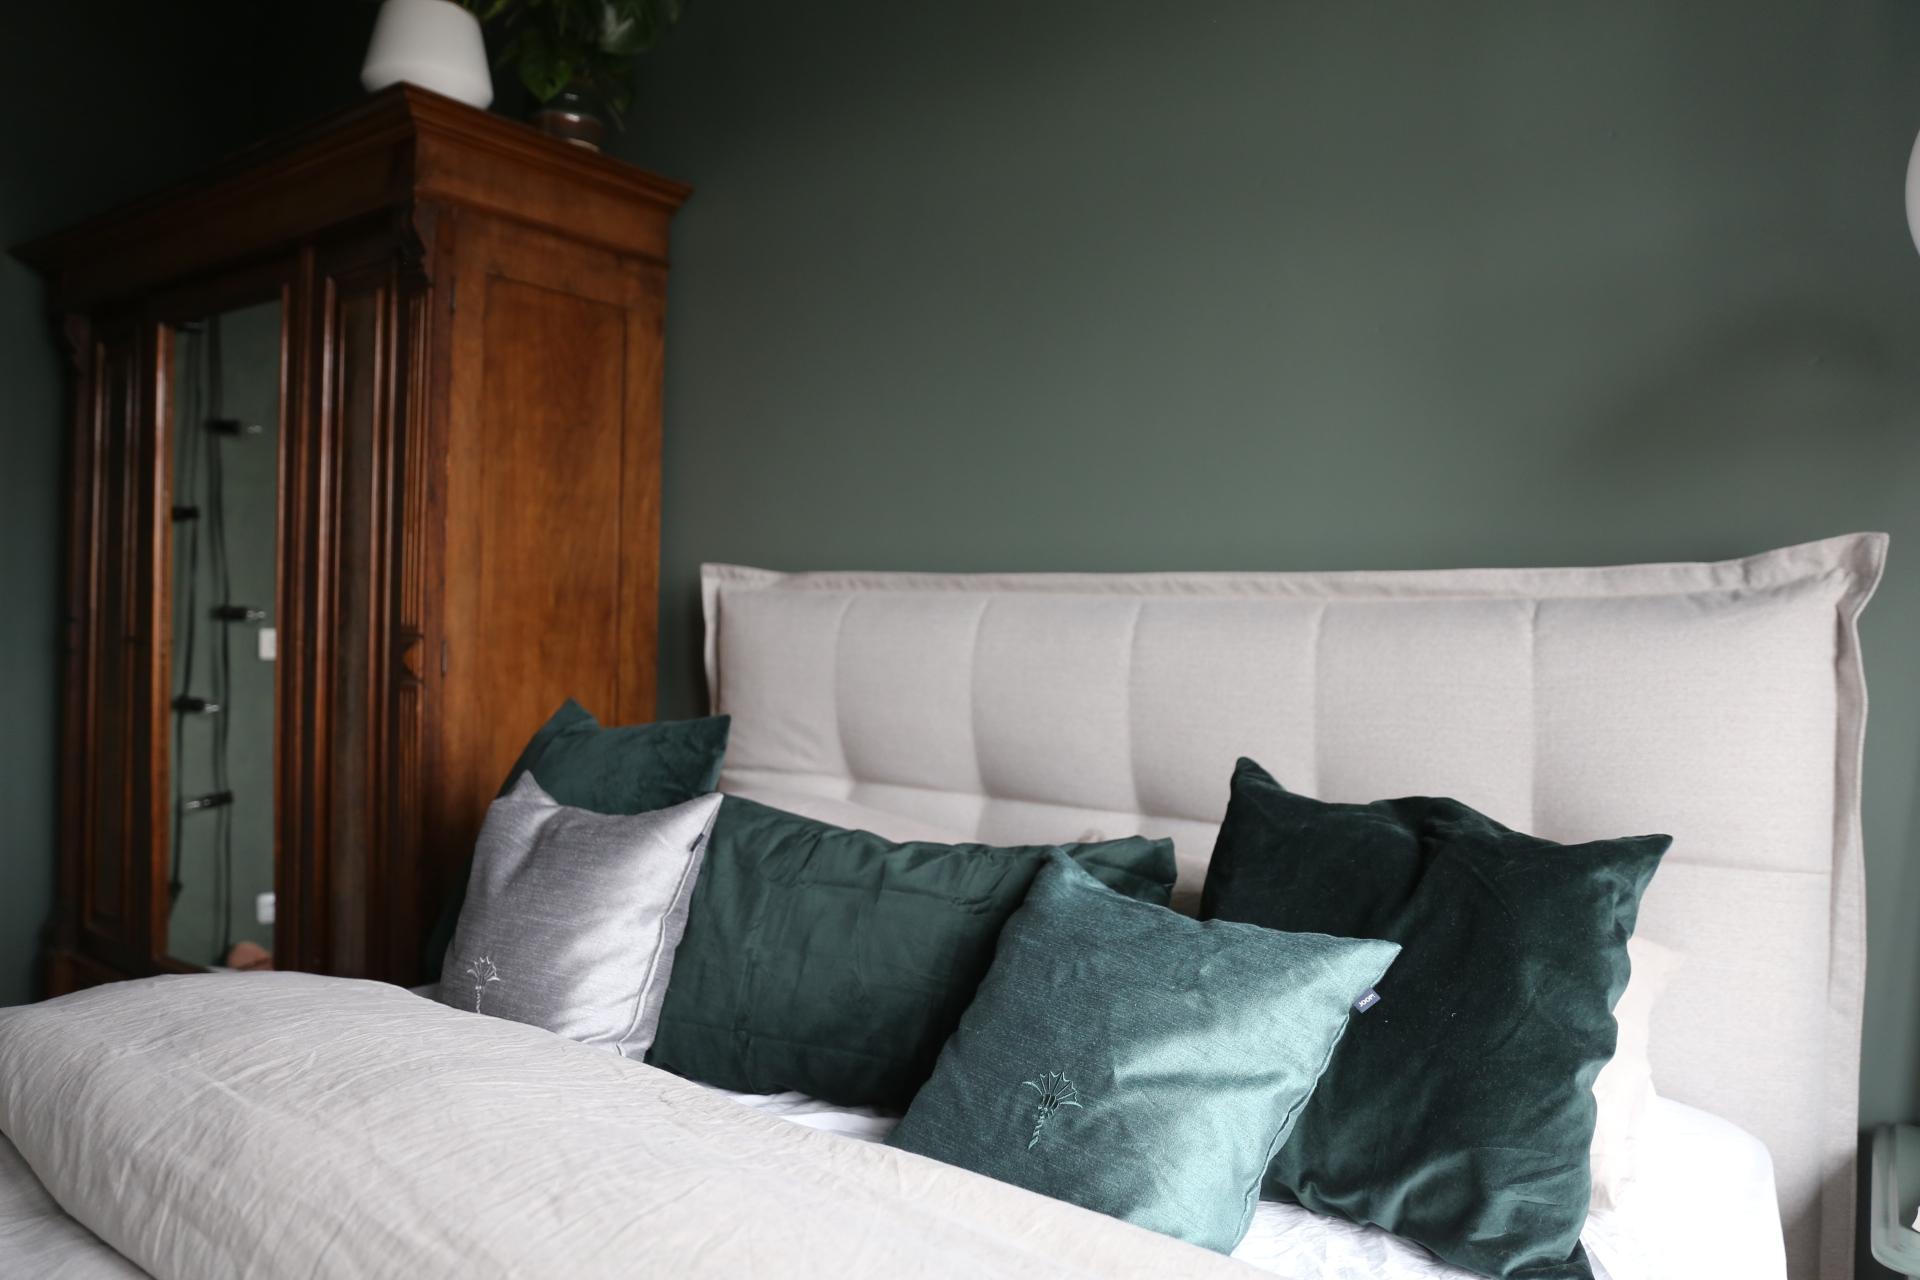 mein neues bett weshalb wo und wie elbgestoeber. Black Bedroom Furniture Sets. Home Design Ideas